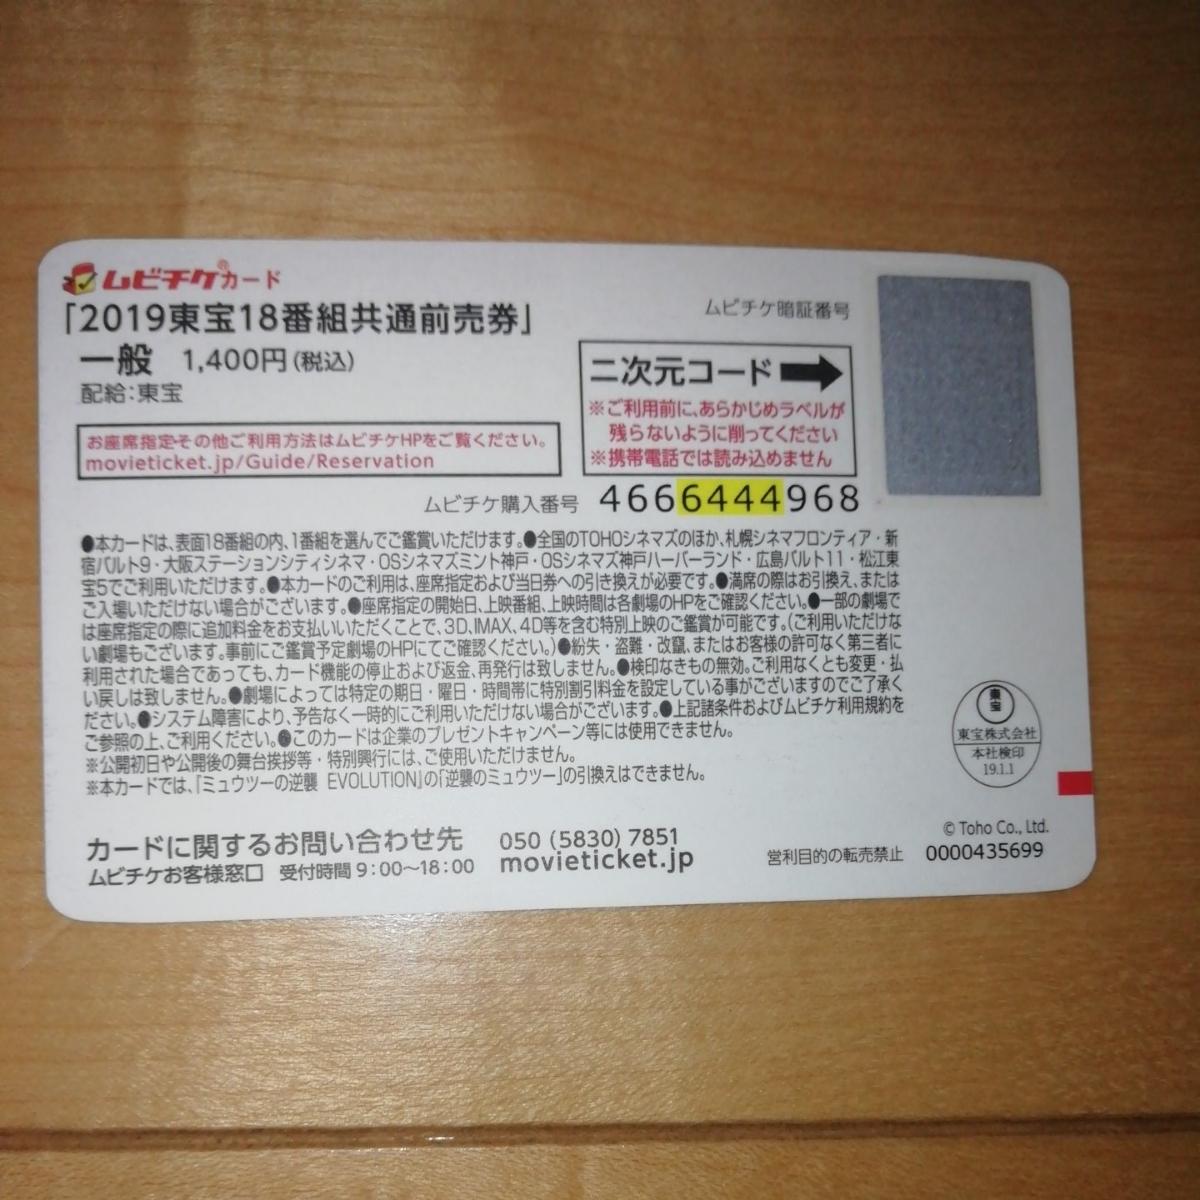 ムビチケカード 送料無料 18番組共通前売券 映画_画像2